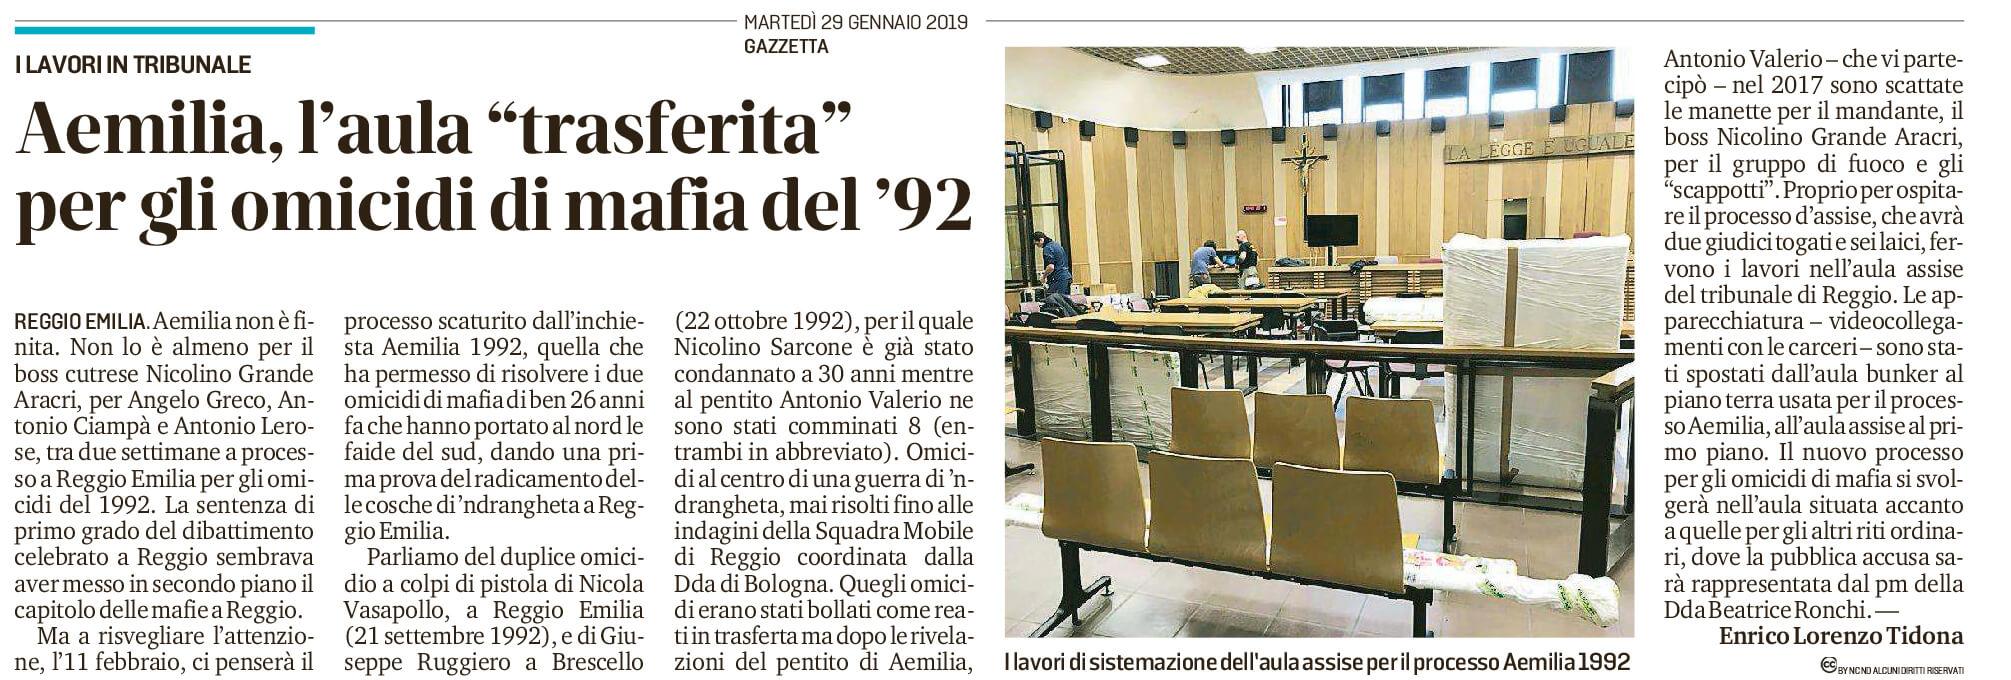 Gli omicidi di mafia del '92